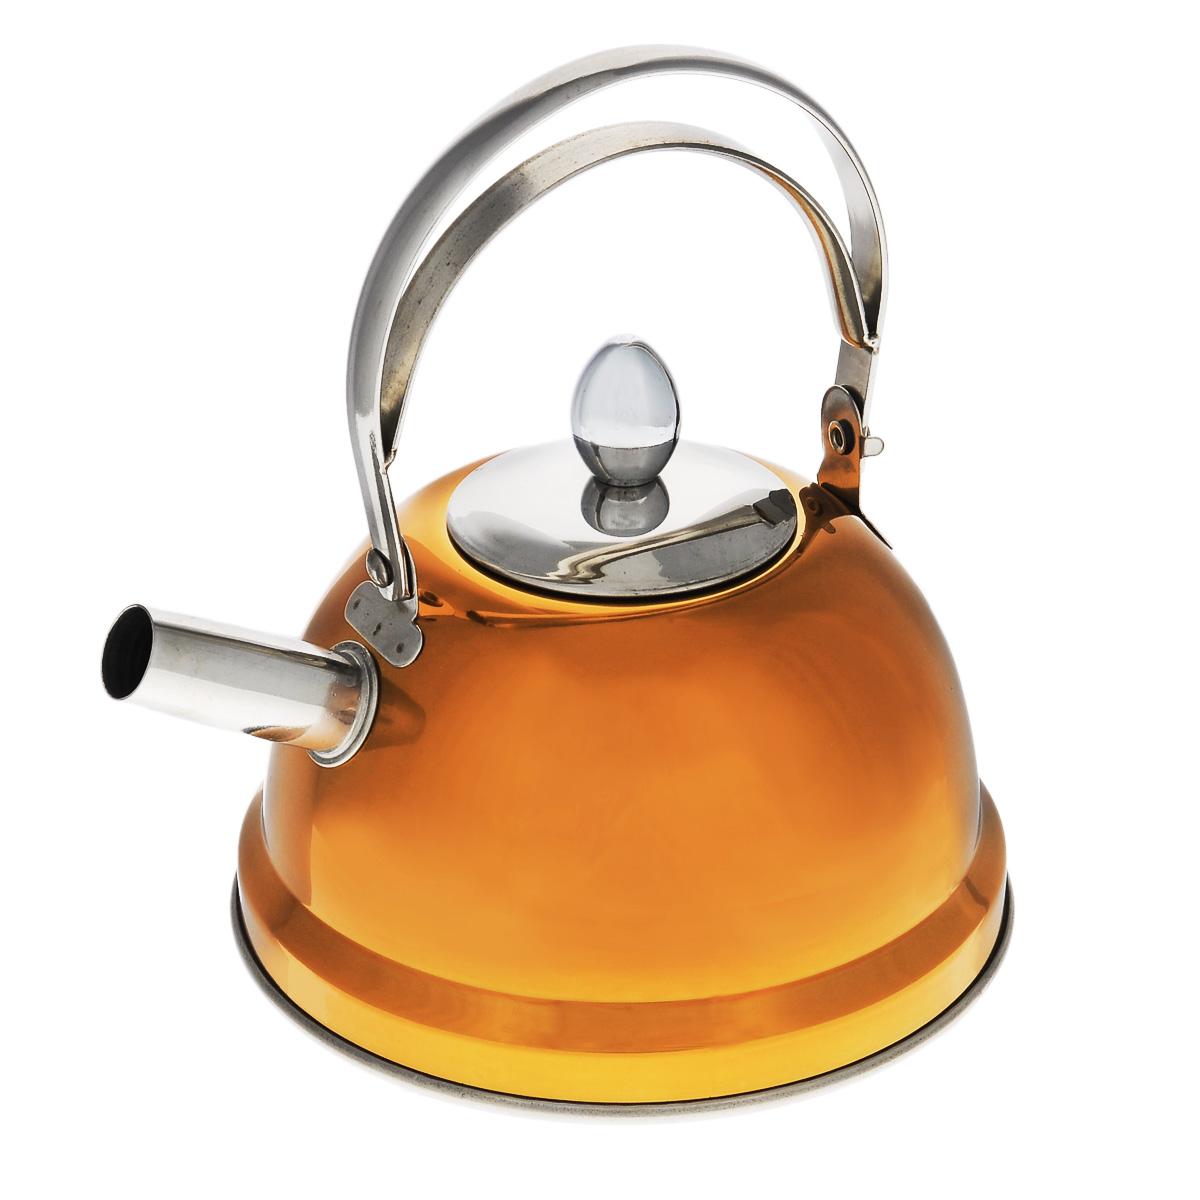 Чайник Bekker De Luxe, с ситечком, цвет: оранжевый 0,8 л. BK-S430BK-S430Чайник Bekker De Luxe выполнен из высококачественной нержавеющей стали, что обеспечивает долговечность использования. Внешнее цветное зеркальное покрытие придает приятный внешний вид. Капсулированное дно распределяет тепло по всей поверхности, что позволяет чайнику быстро закипать. Эргономичная подвижная ручка выполнена из нержавеющей стали. Чайник снабжен ситечком для заваривания. Можно мыть в посудомоечной машине. Пригоден для всех видов плит, включая индукционные. Диаметр (по верхнему краю): 5 см. Высота чайника (без учета крышки и ручки): 8 см. Высота чайника (с учетом ручки): 17,5 см. Диаметр основания: 14 см. Толщина стенки: 0,5 мм. Высота ситечка: 5,5 см.